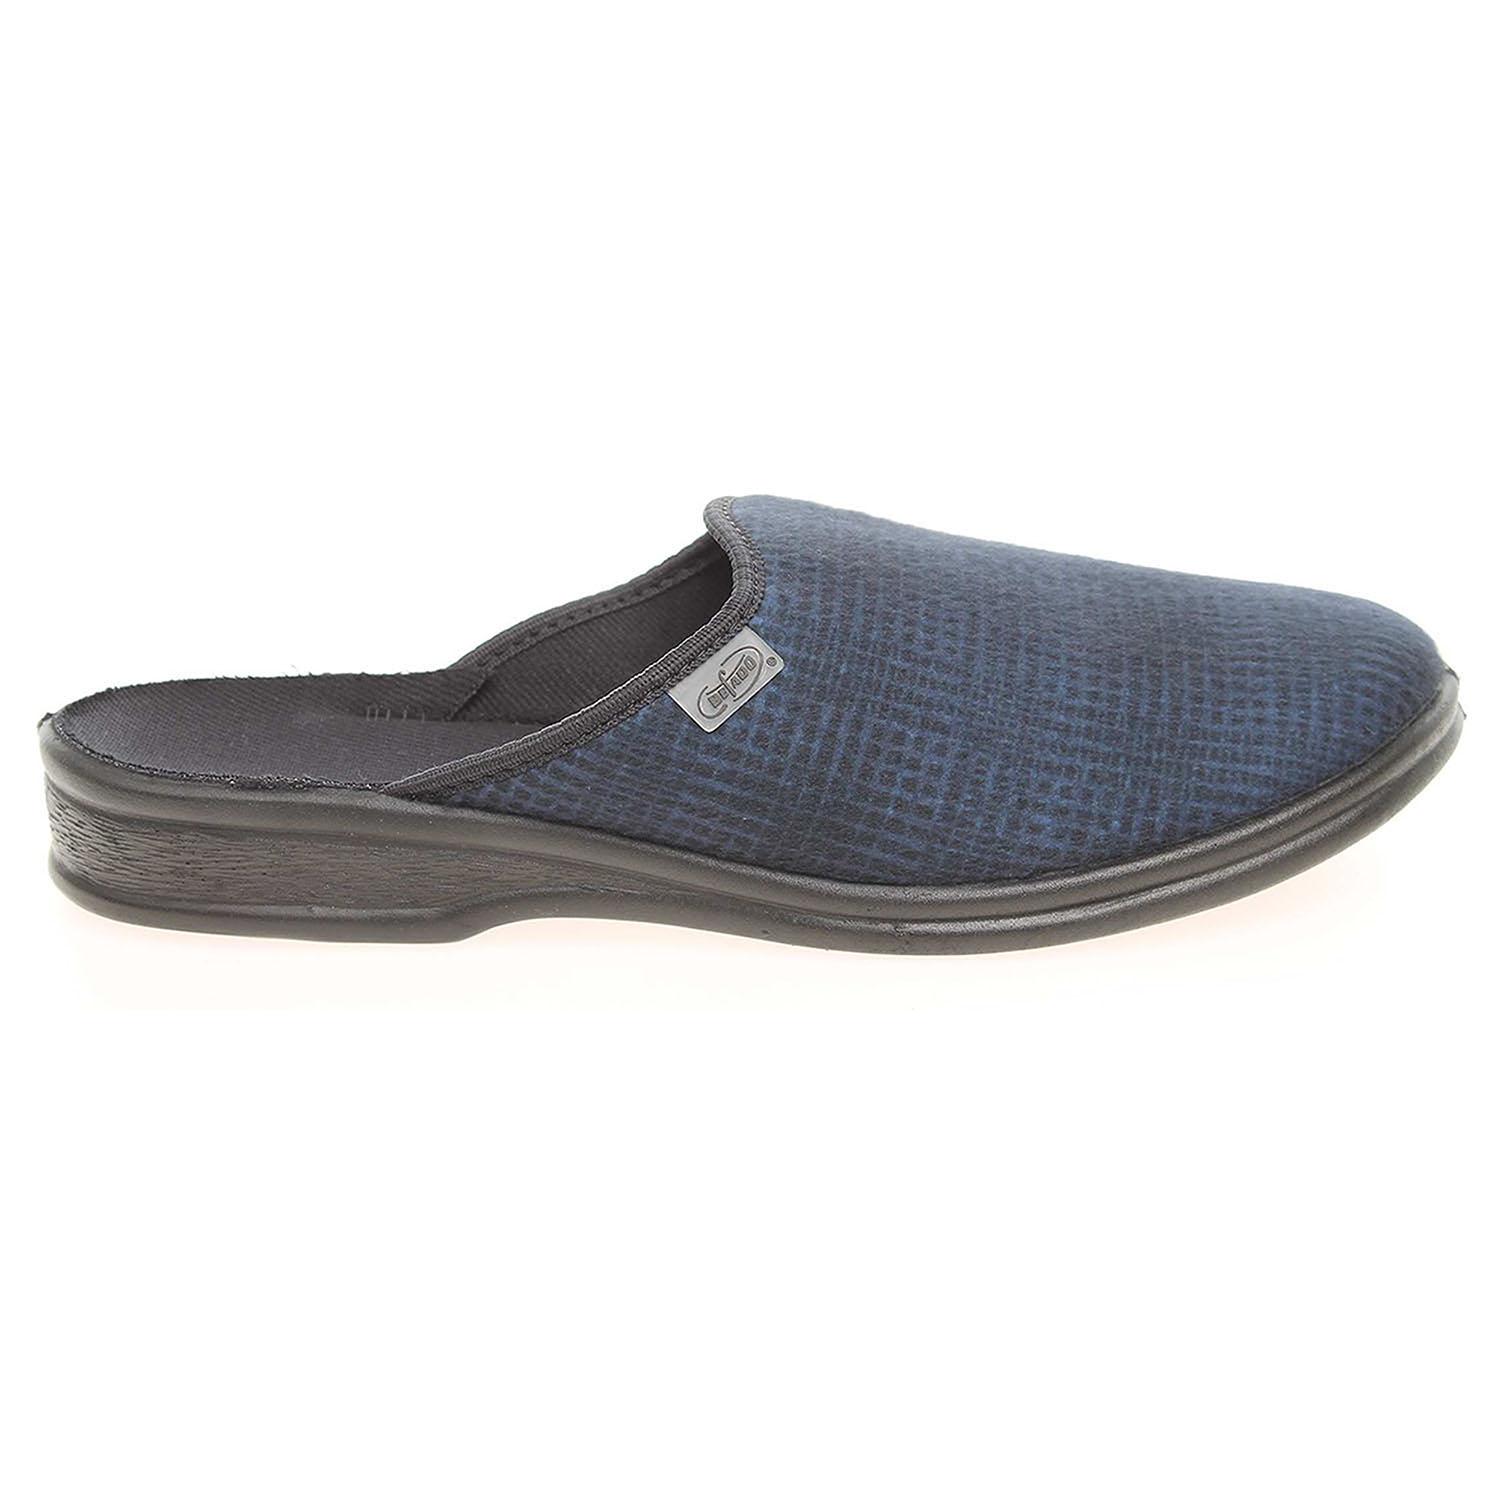 Ecco Befado pánské pantofle 089M166 modré 24800213